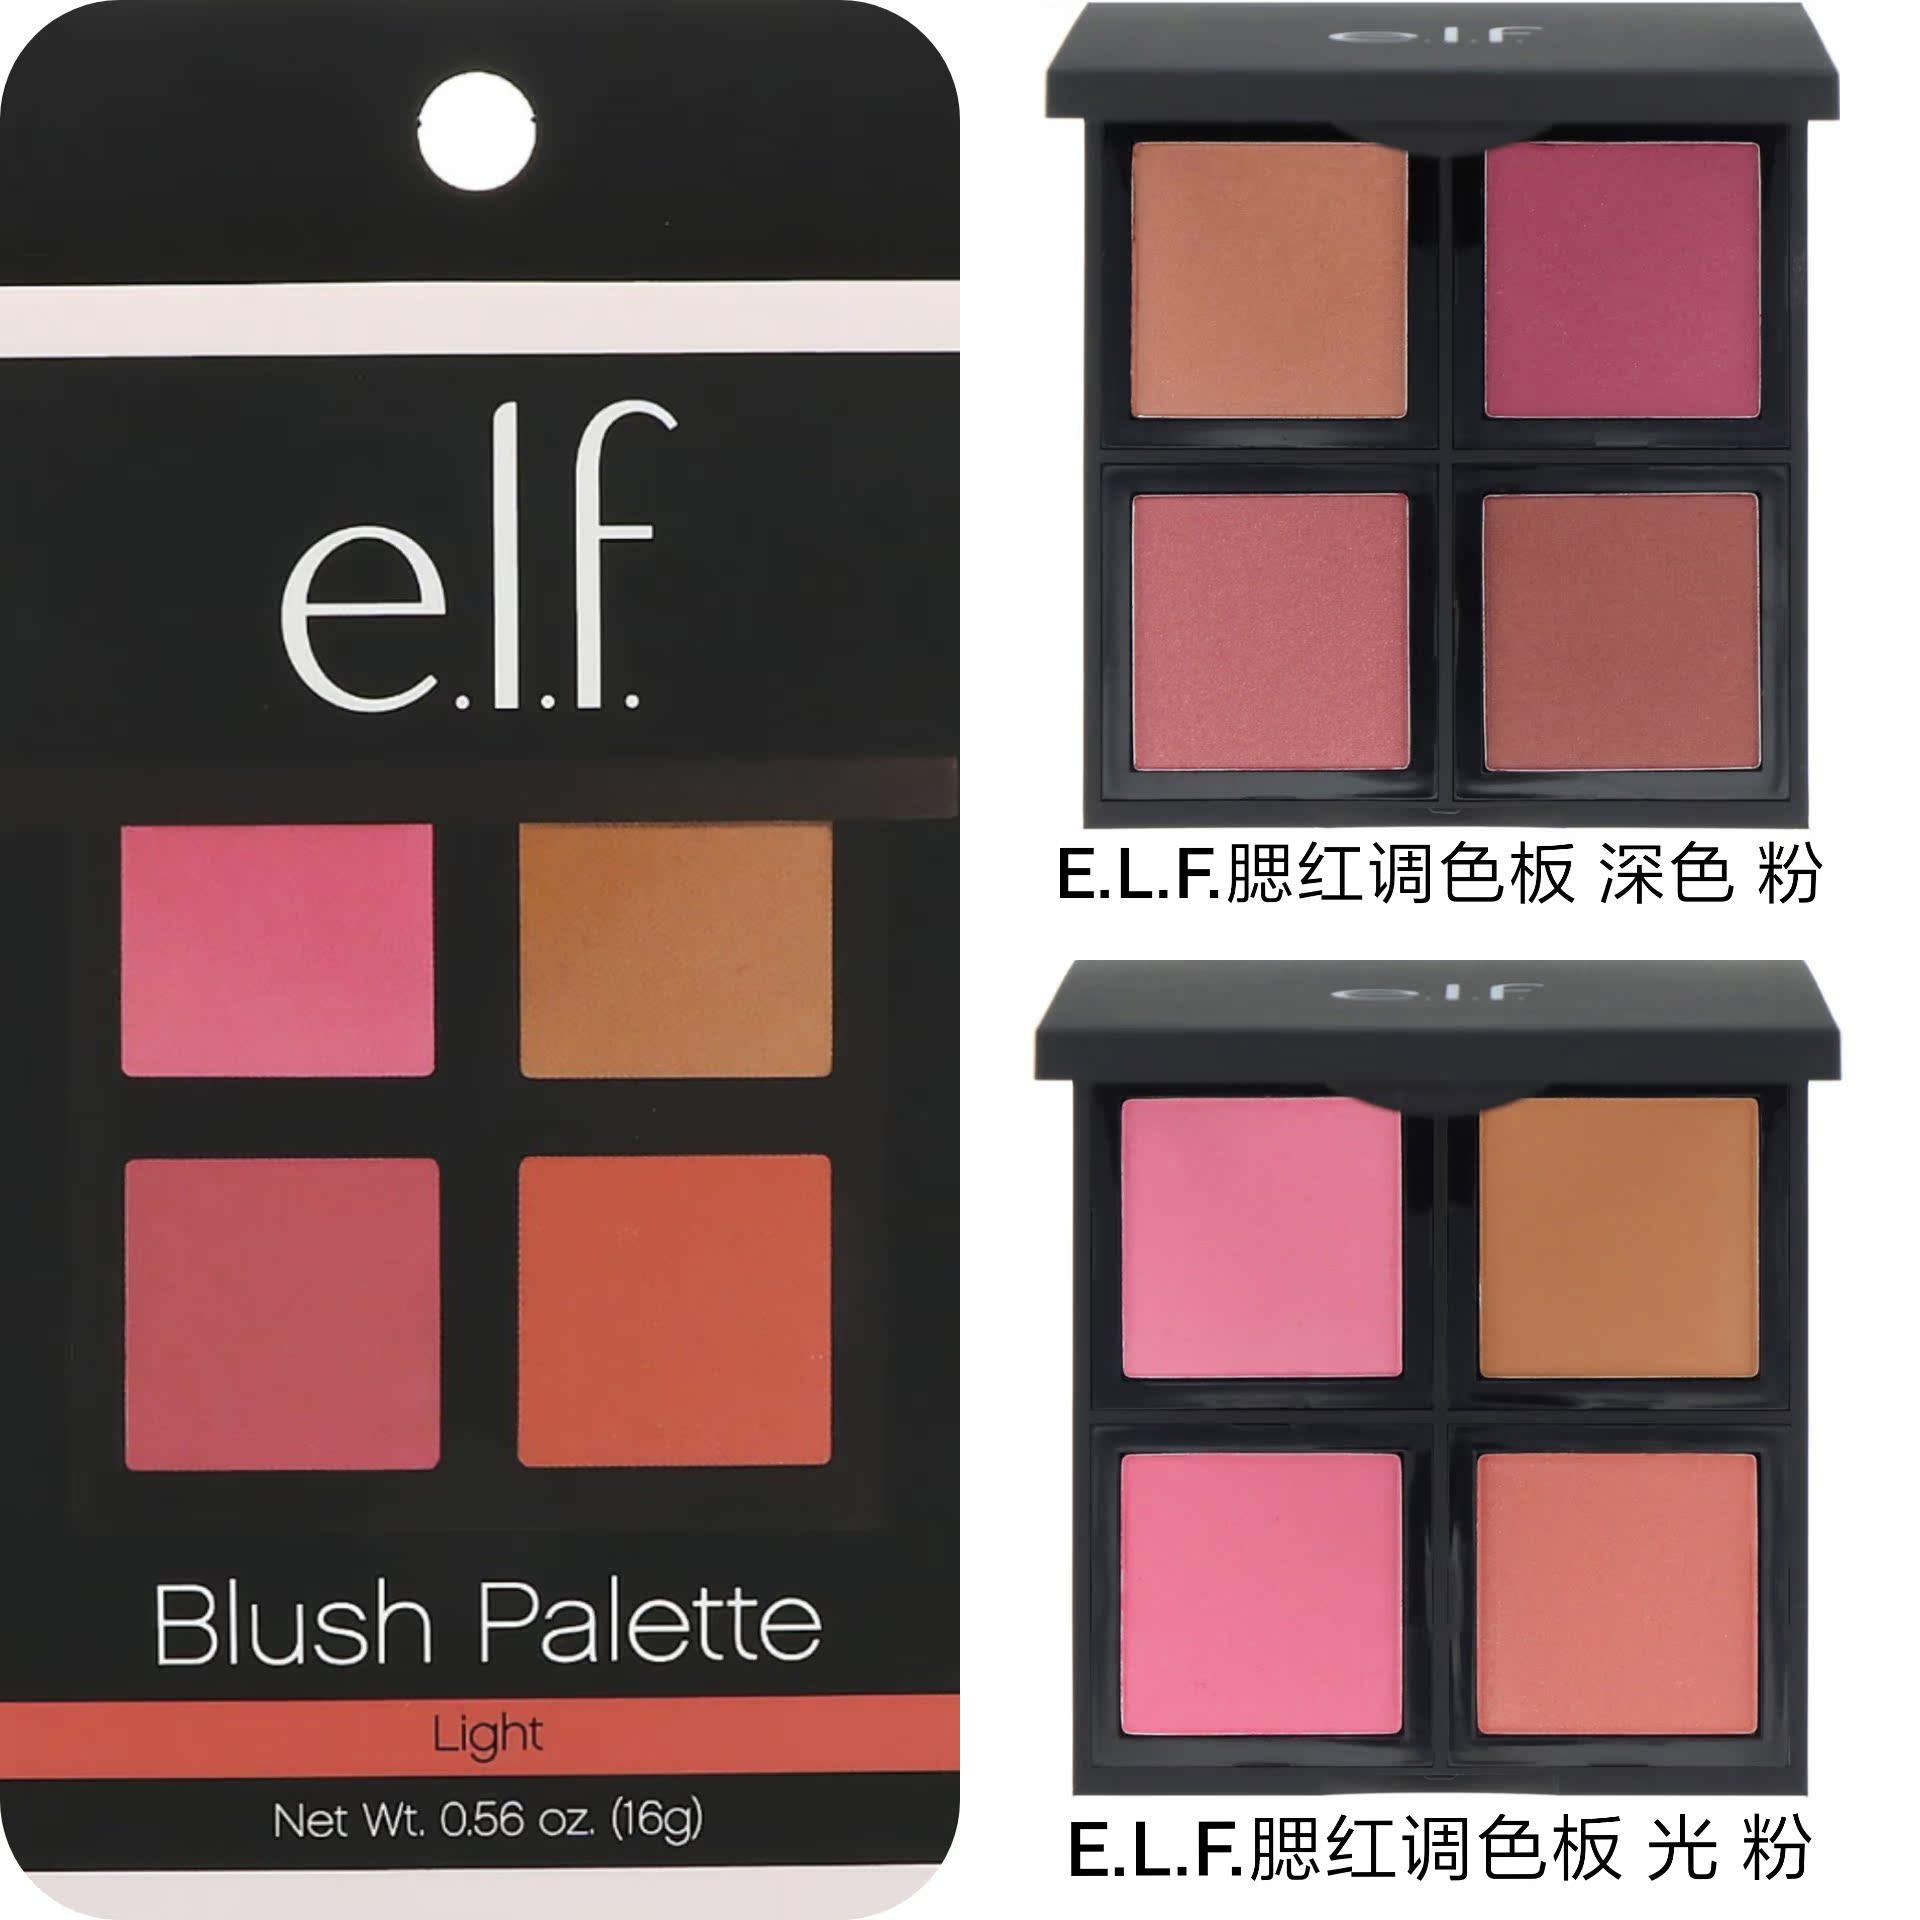 美国采购/美国正品E.L.F./腮红四色调色板/自然裸妆修容腮红盘